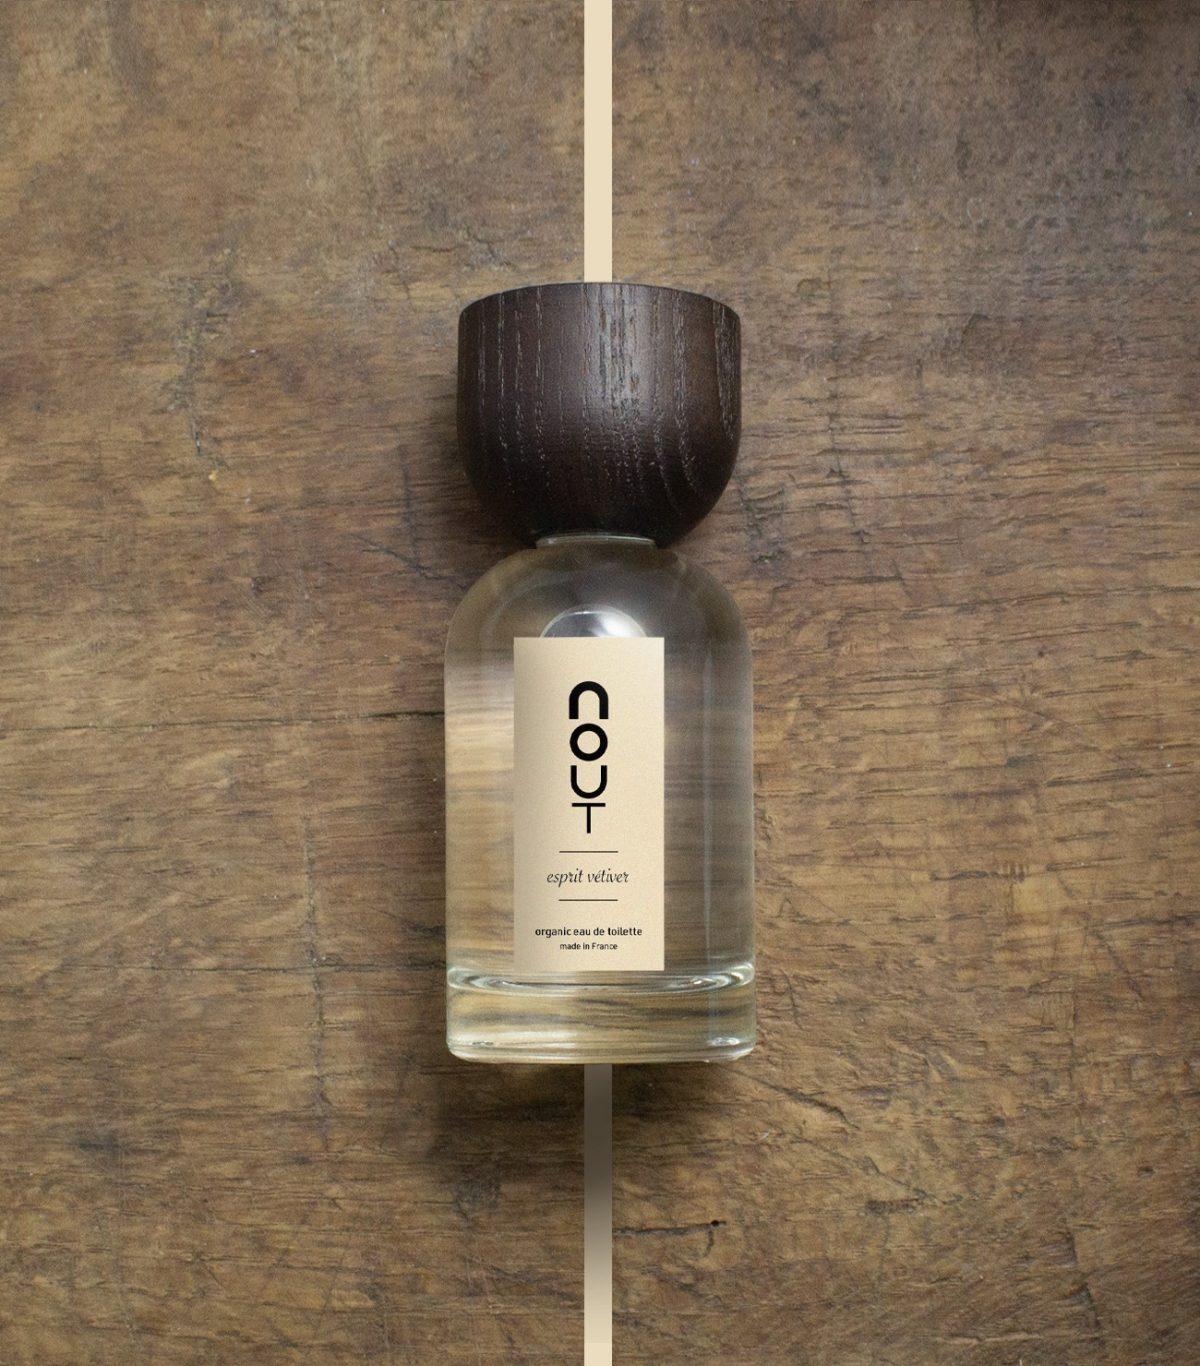 esprit vetiver (100ml) - Nout parfum